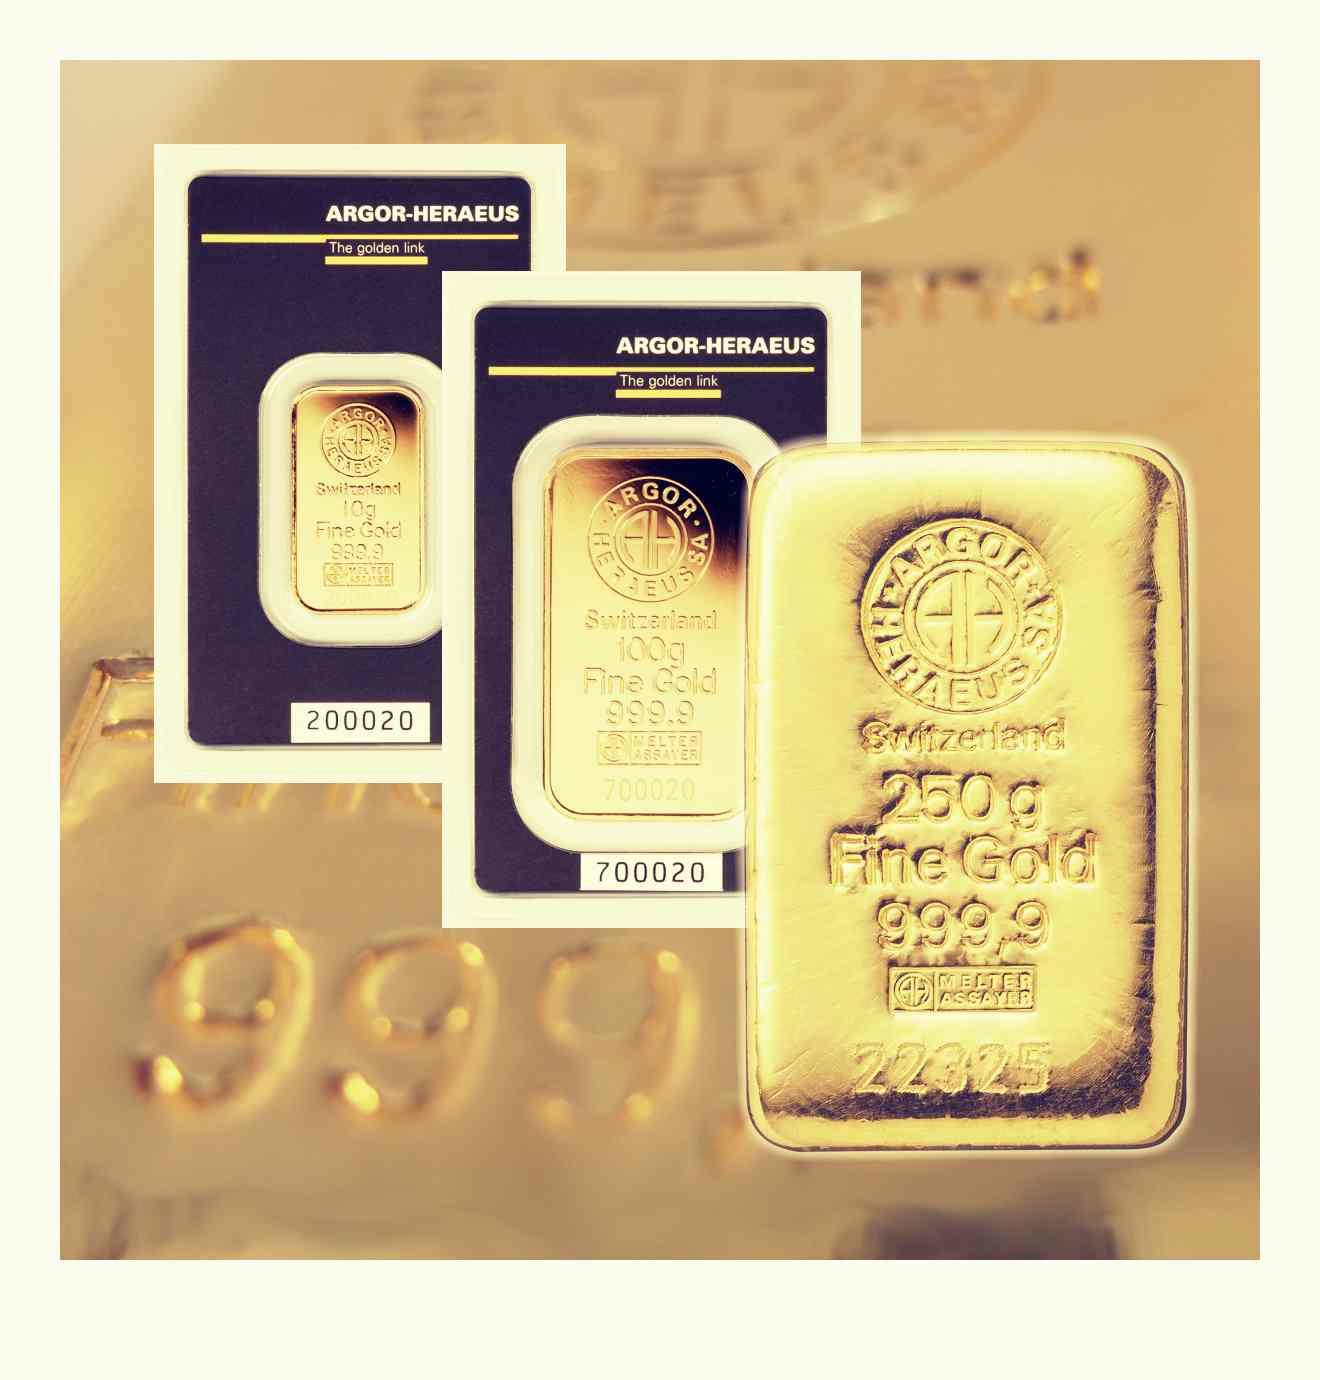 7785613a6 Zlaté investiční slitky - vykupujeme zlaté investiční slitky od všech  světových výrobců za výhodnější cenu než je standardní výkupní cena zlata.